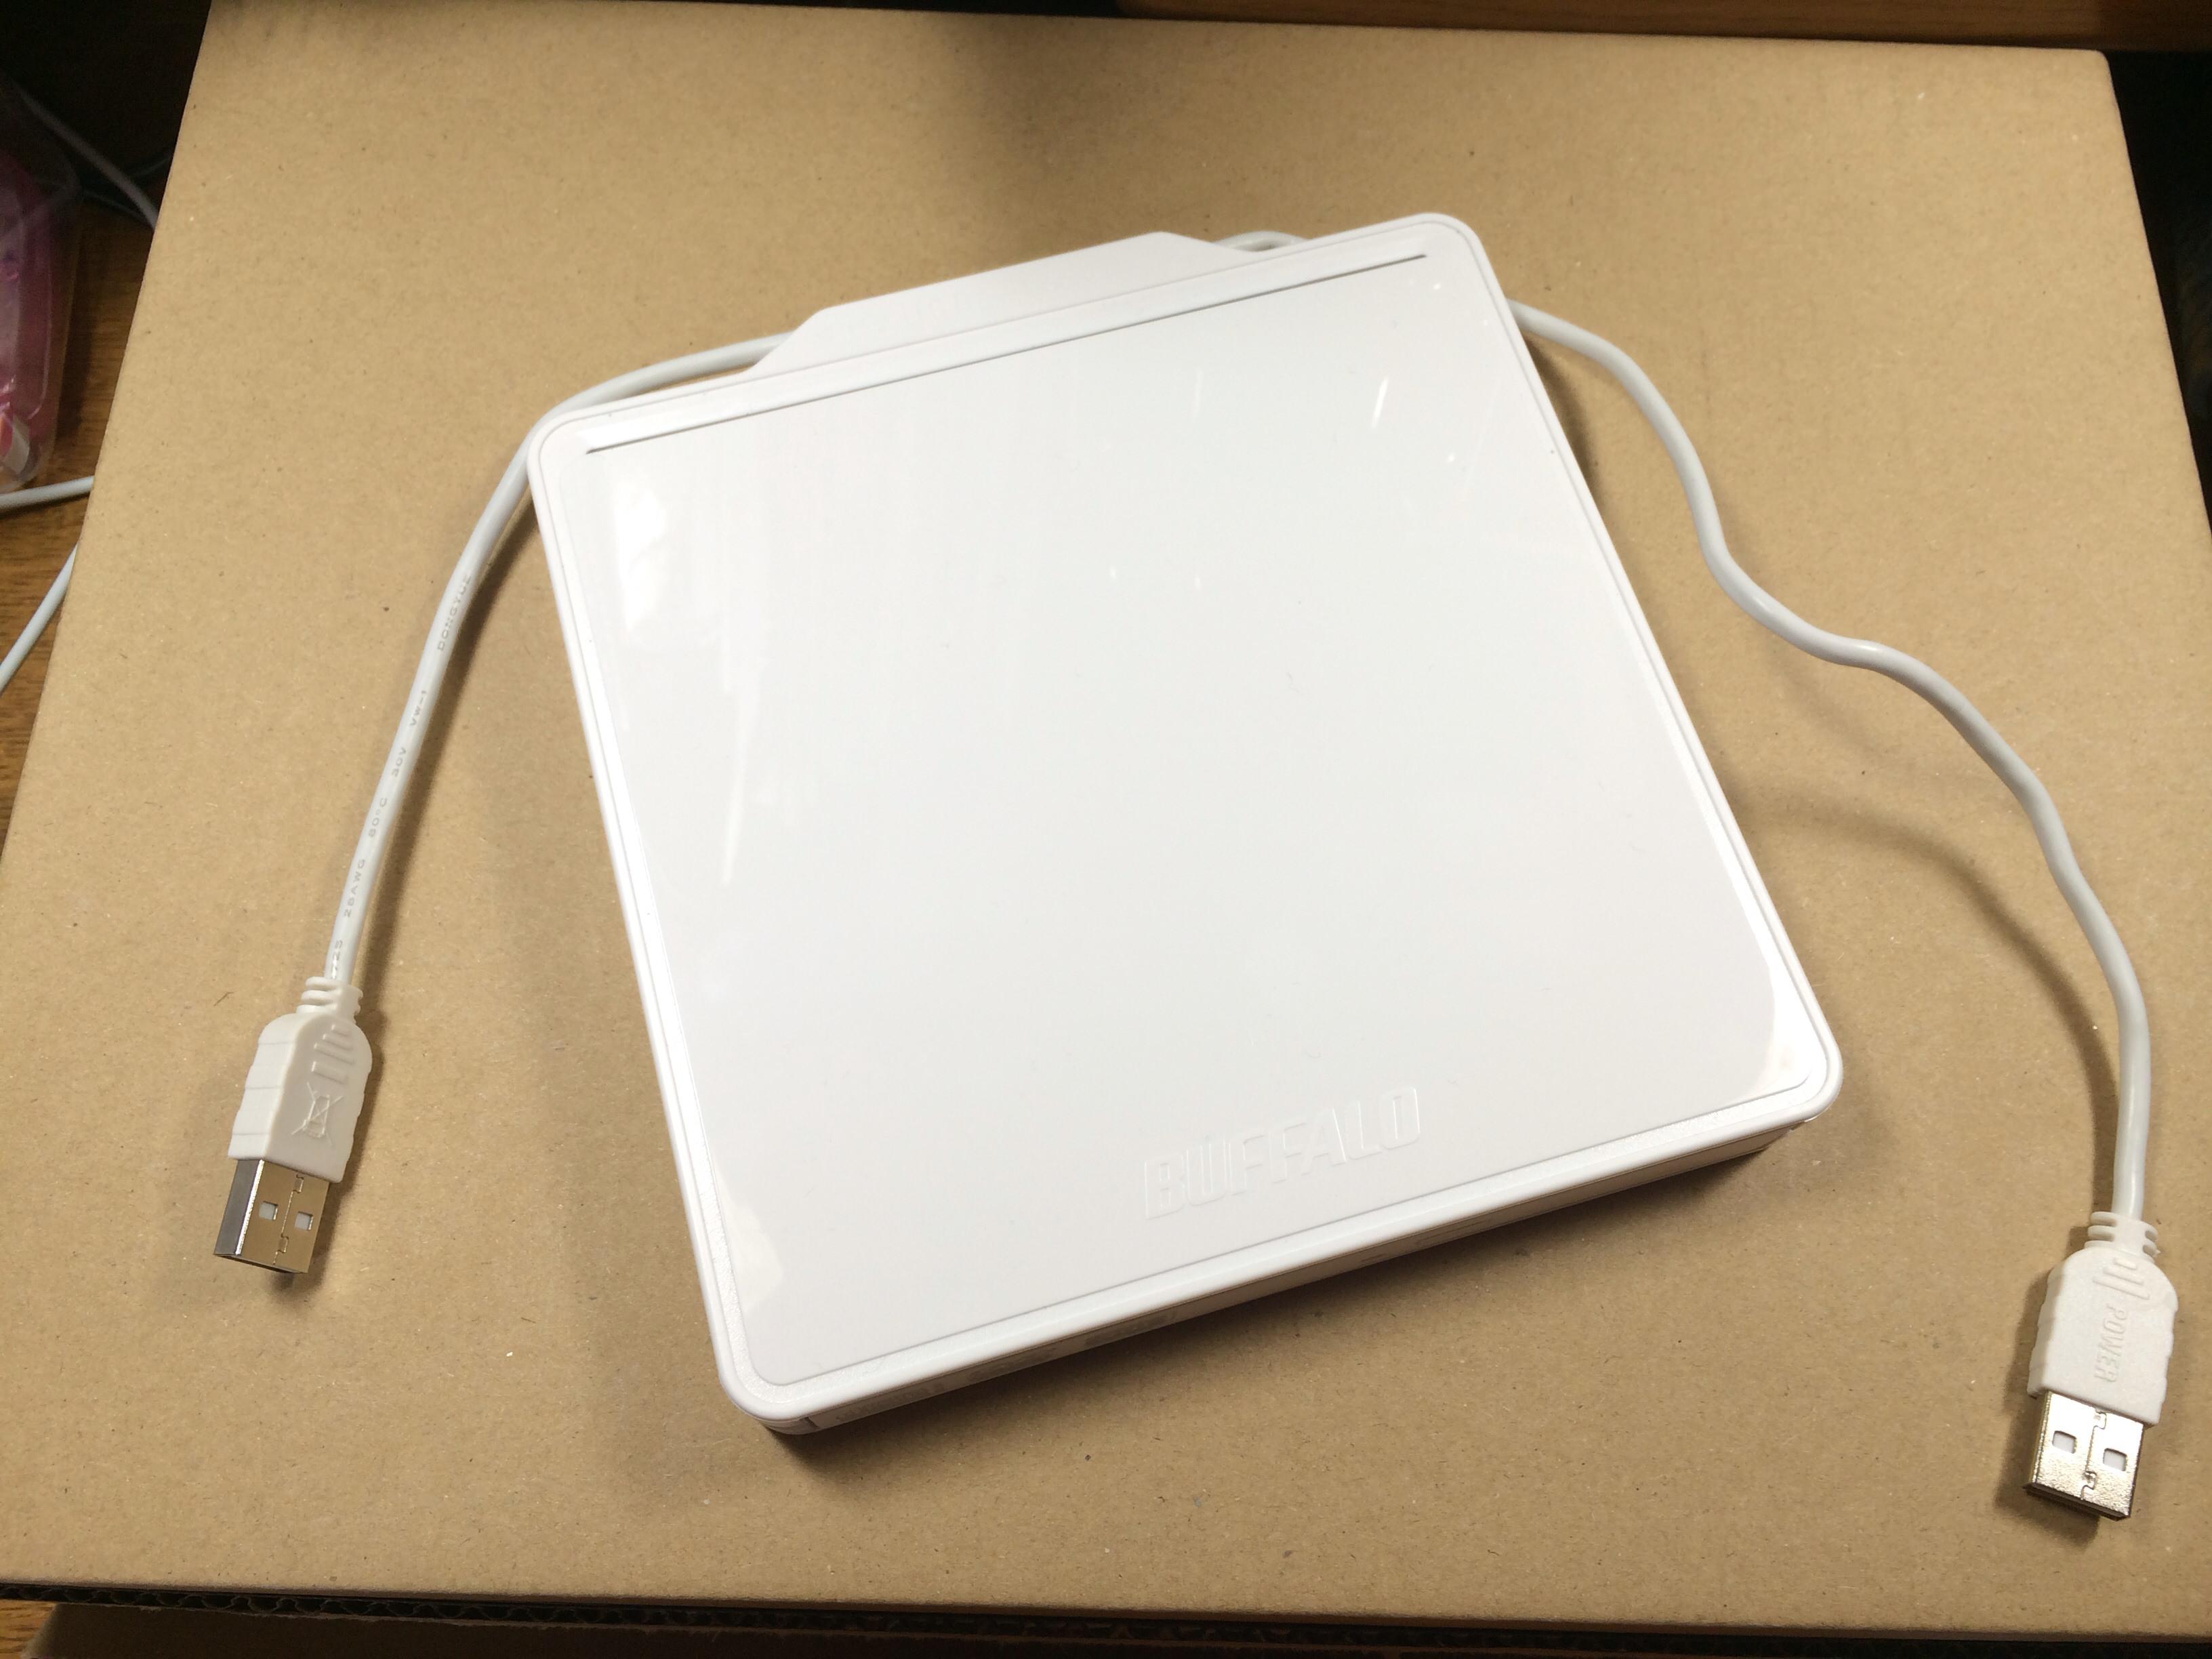 Mac対応のポータブルDVDドライブを購入しました